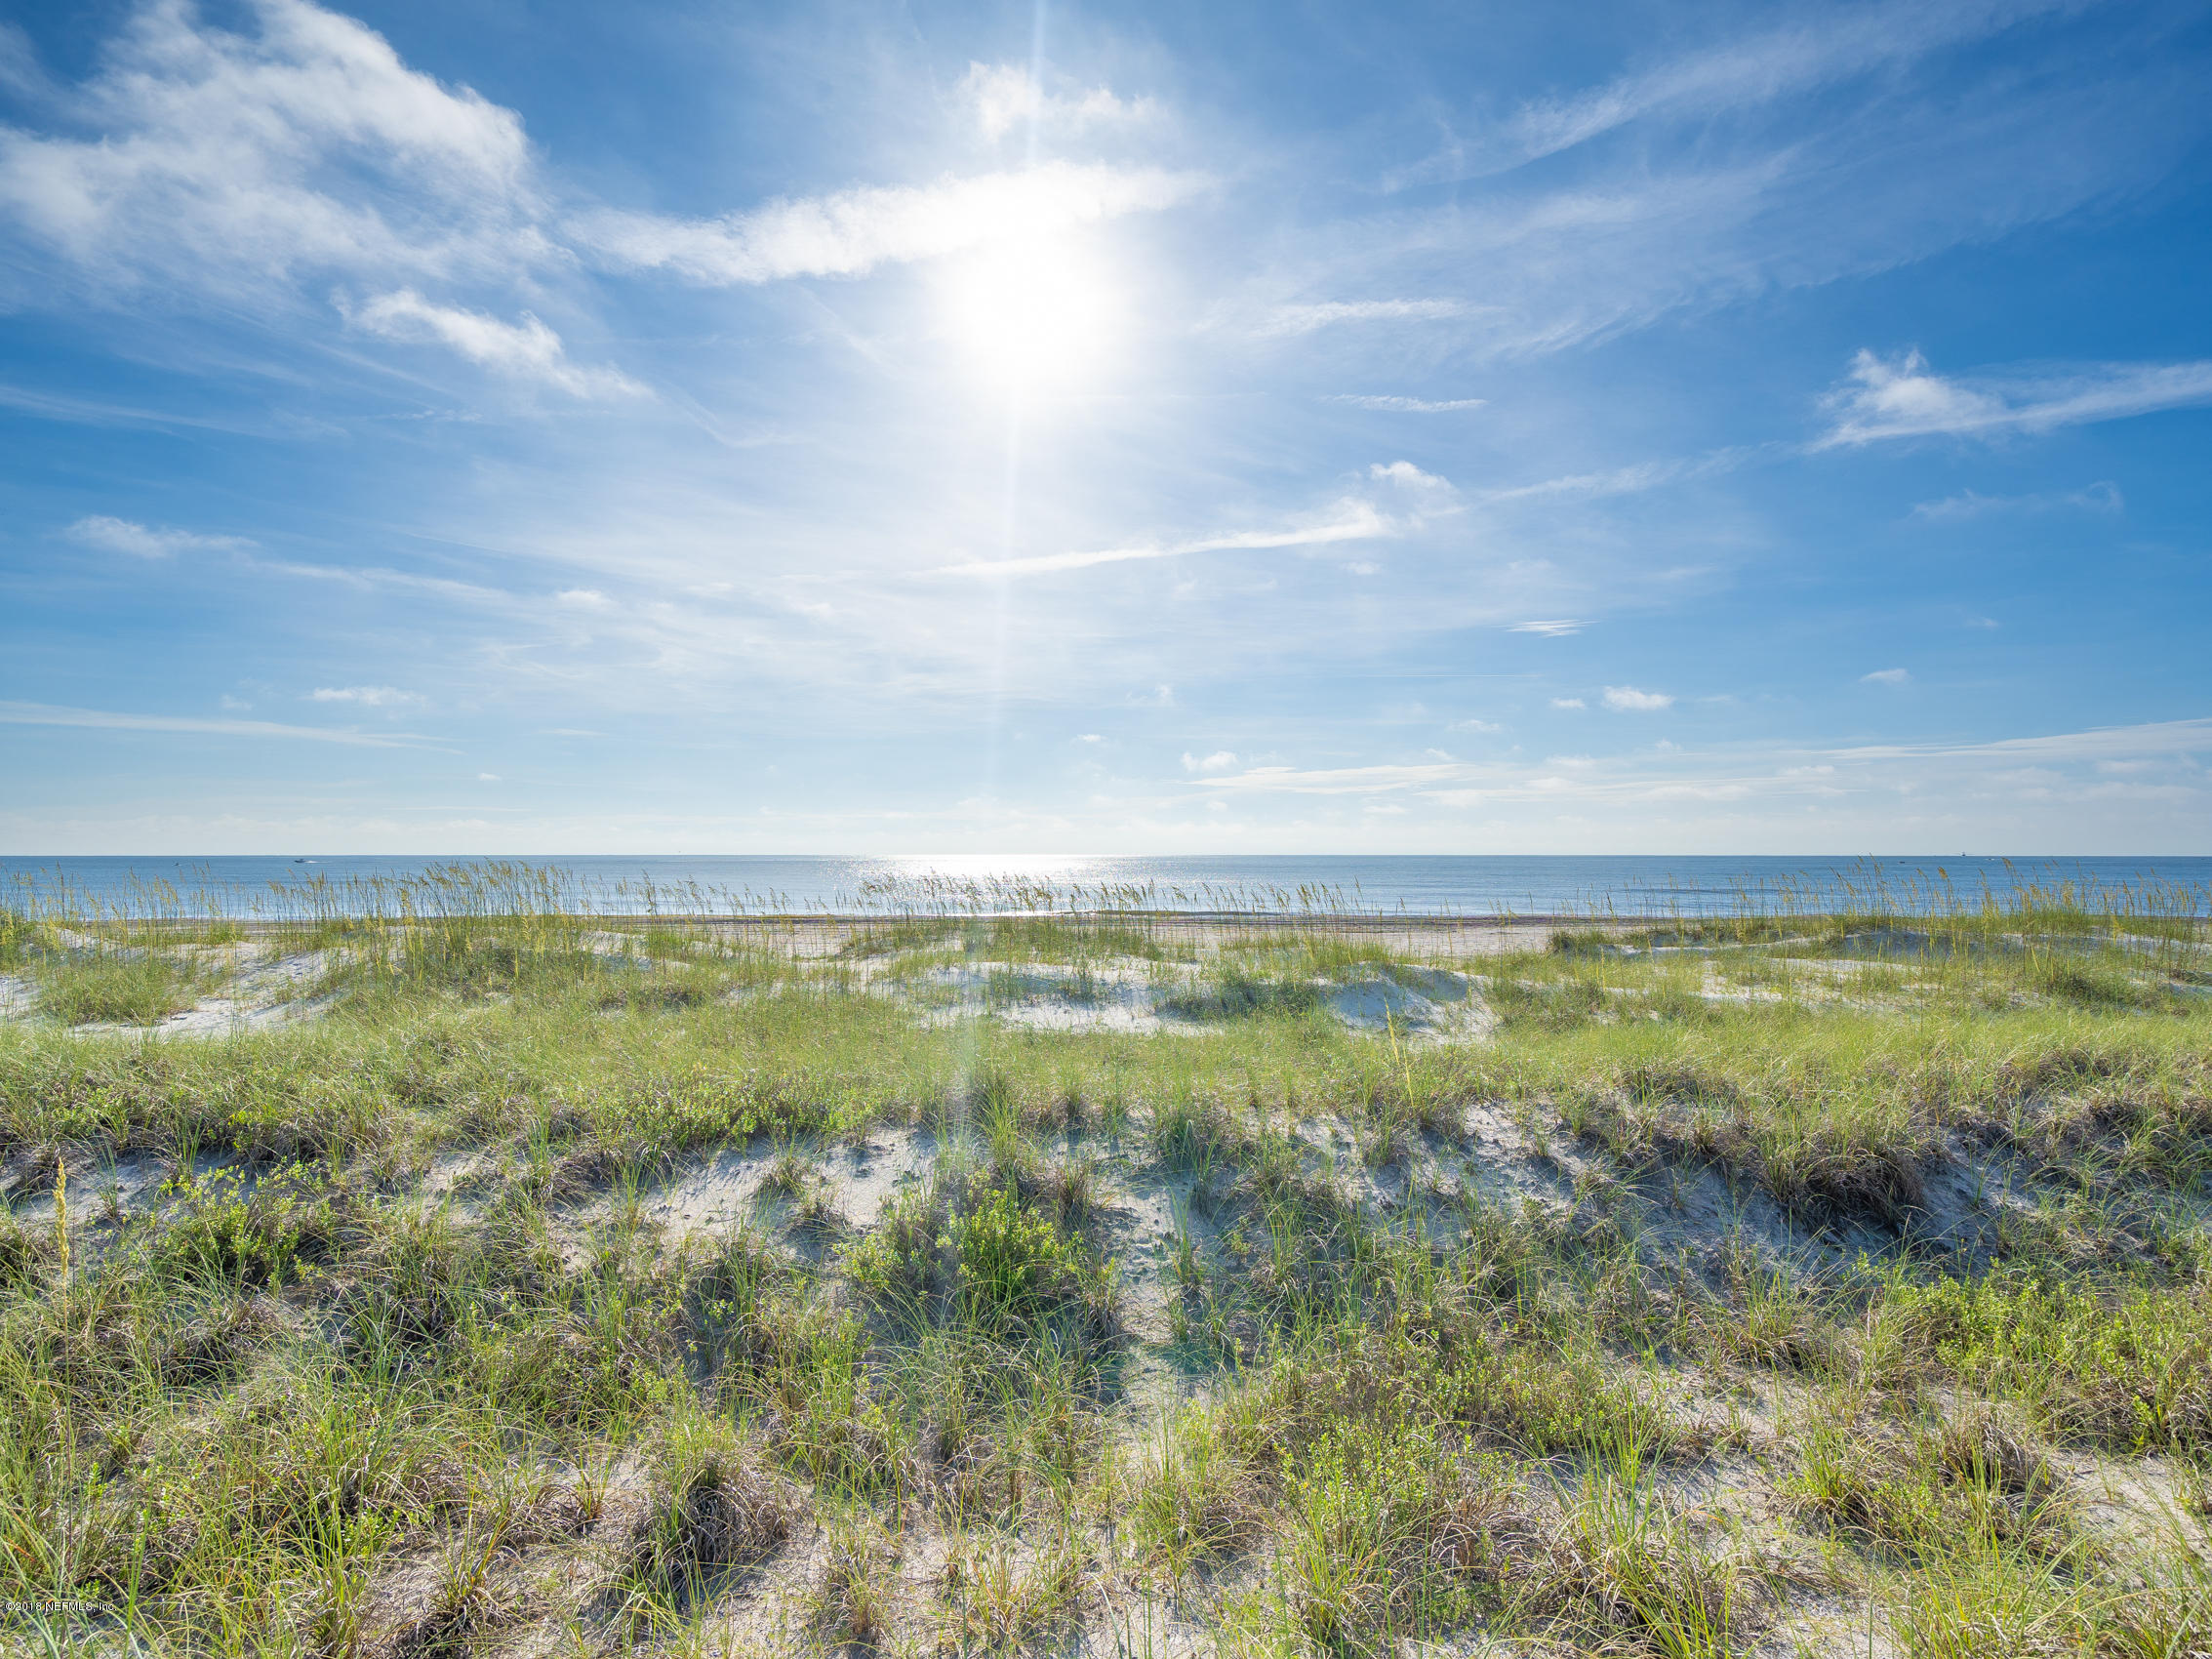 8310 SANCTUARY, FERNANDINA BEACH, FLORIDA 32034, ,Vacant land,For sale,SANCTUARY,944691